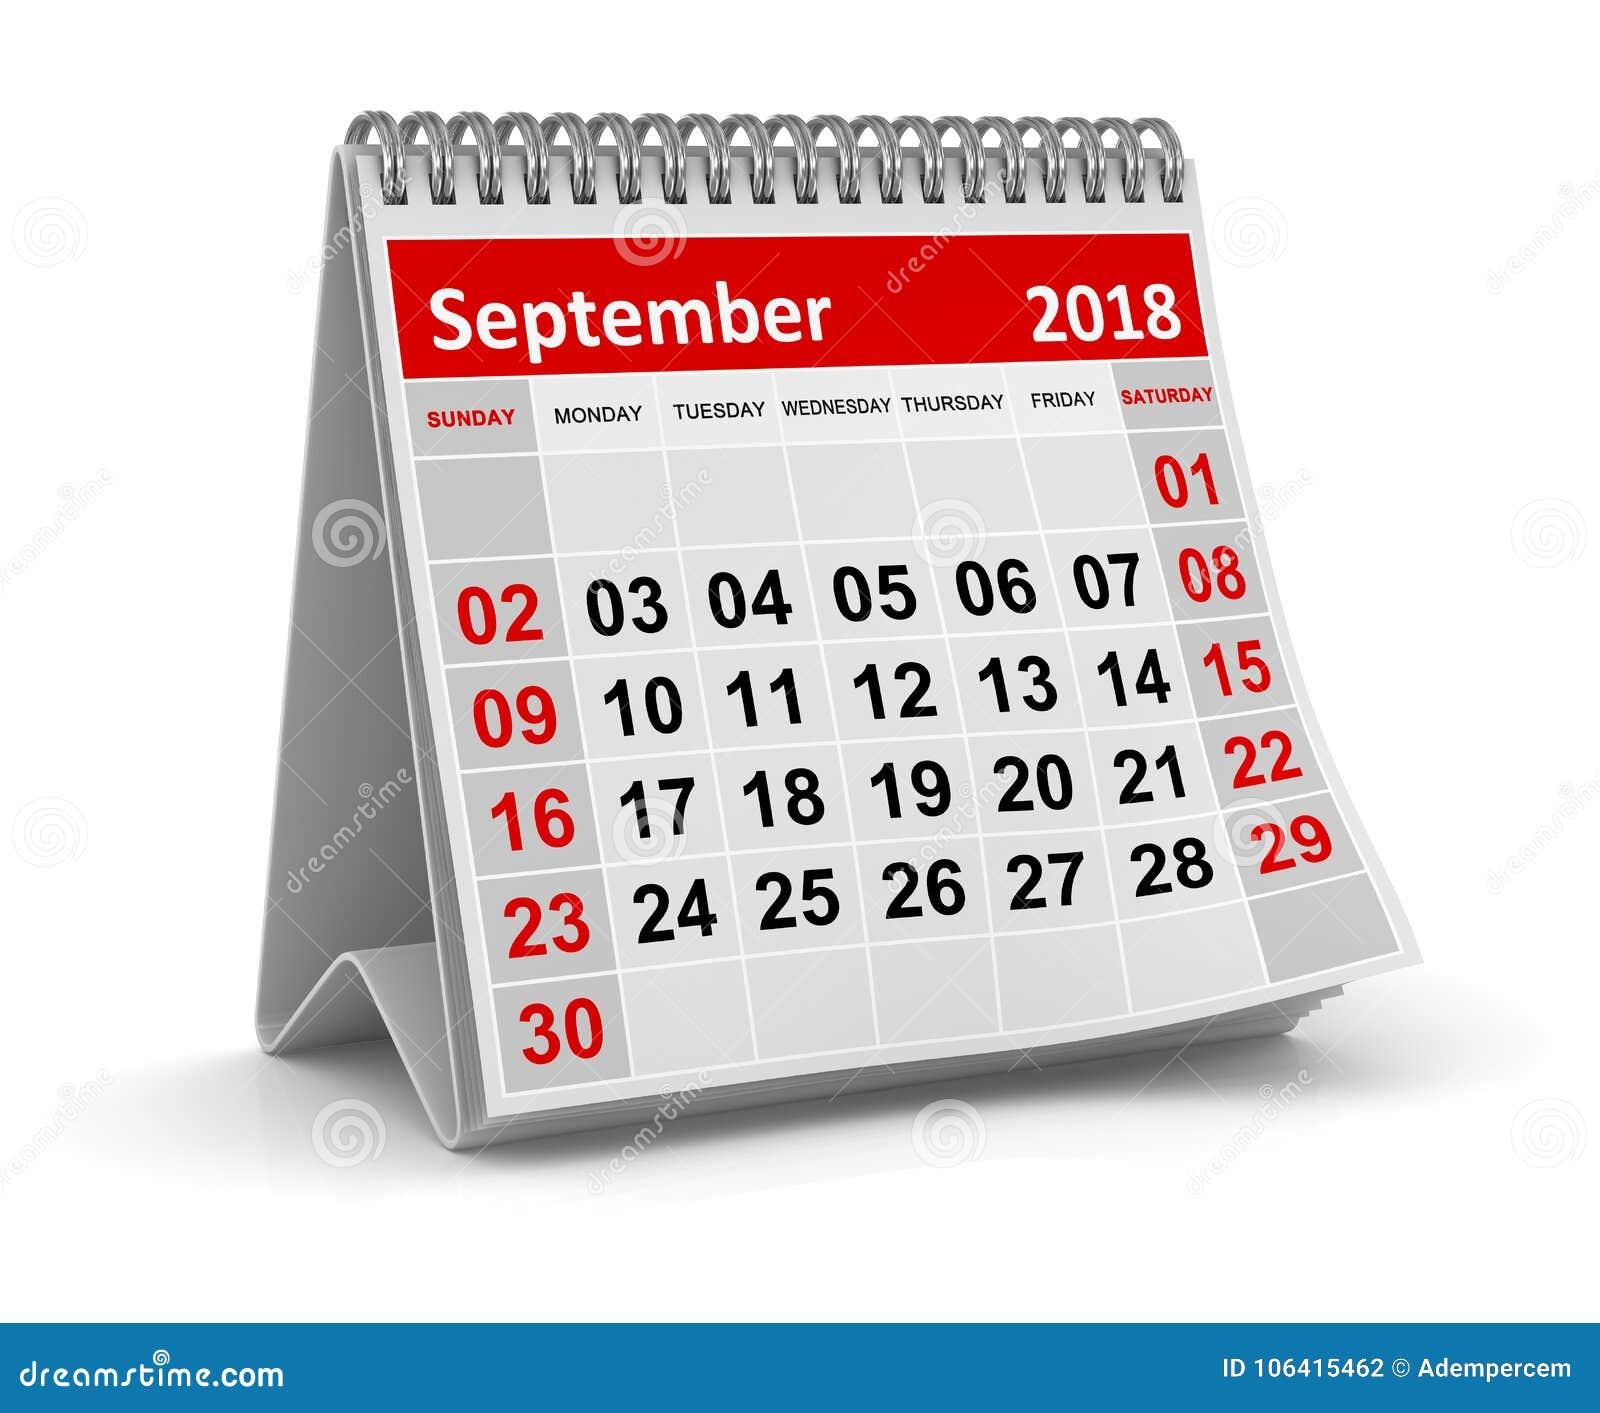 September 2018 - kalender